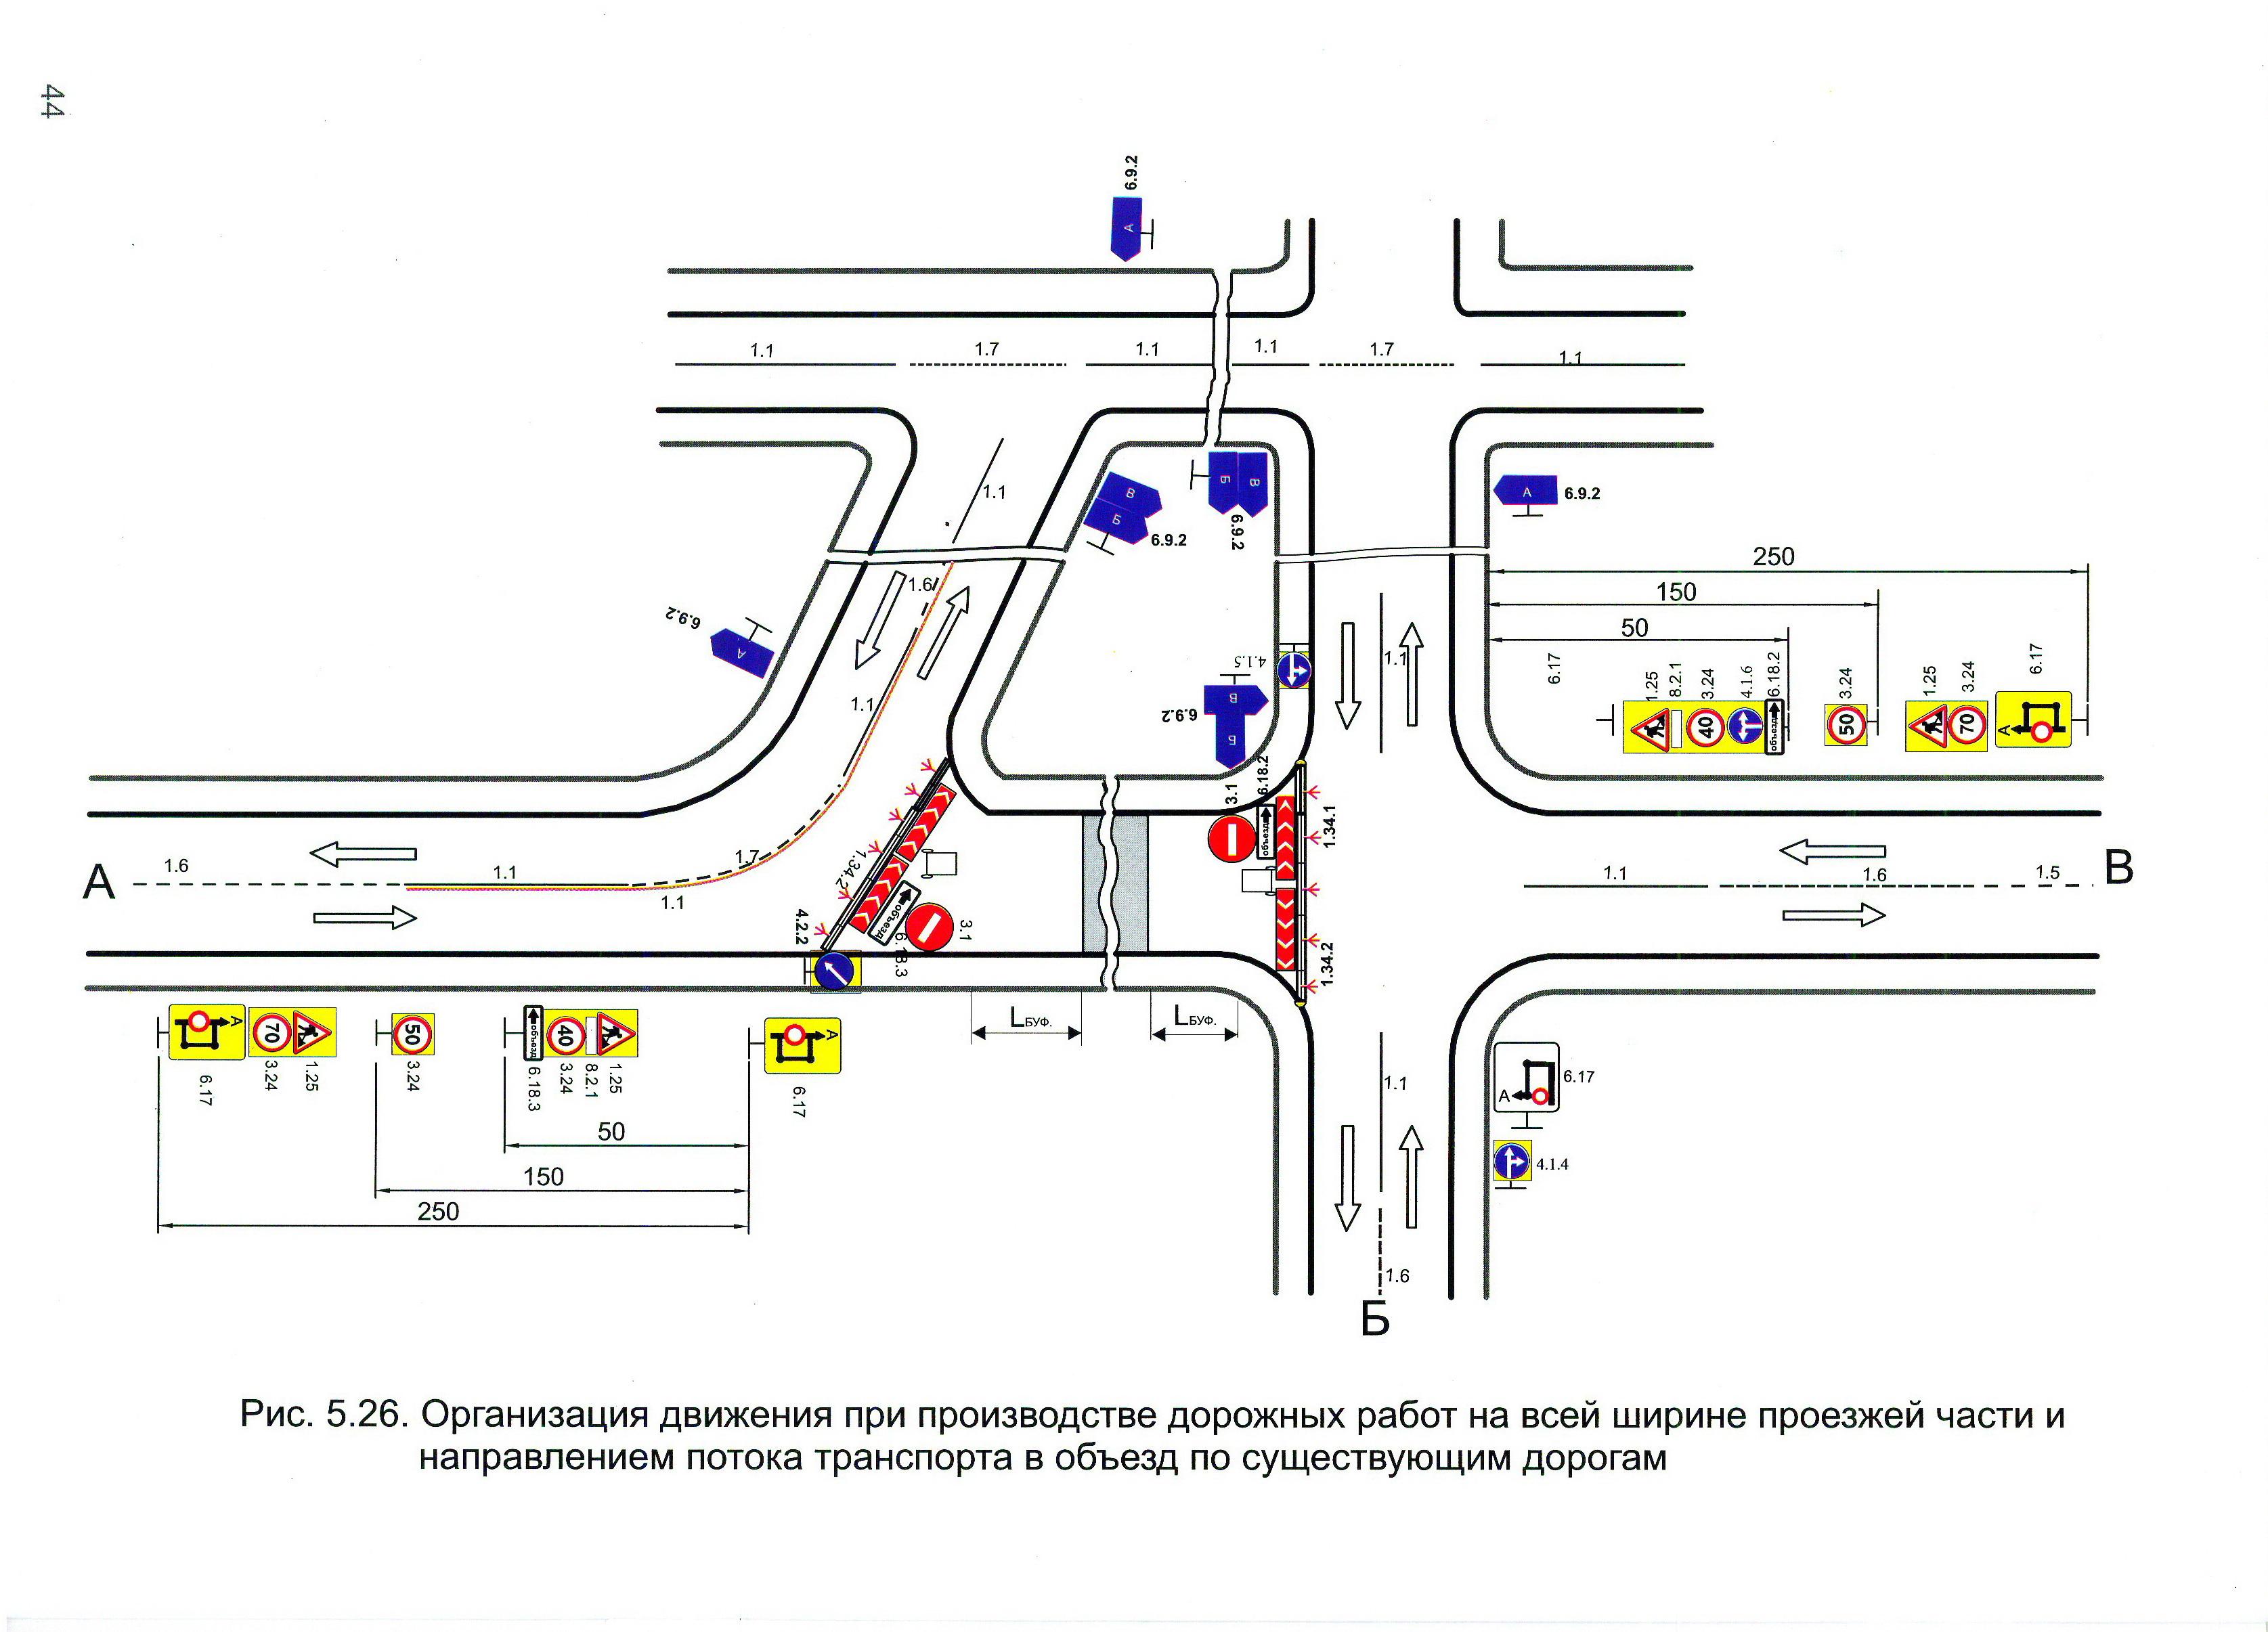 Схемы дороги с дорожными знаками